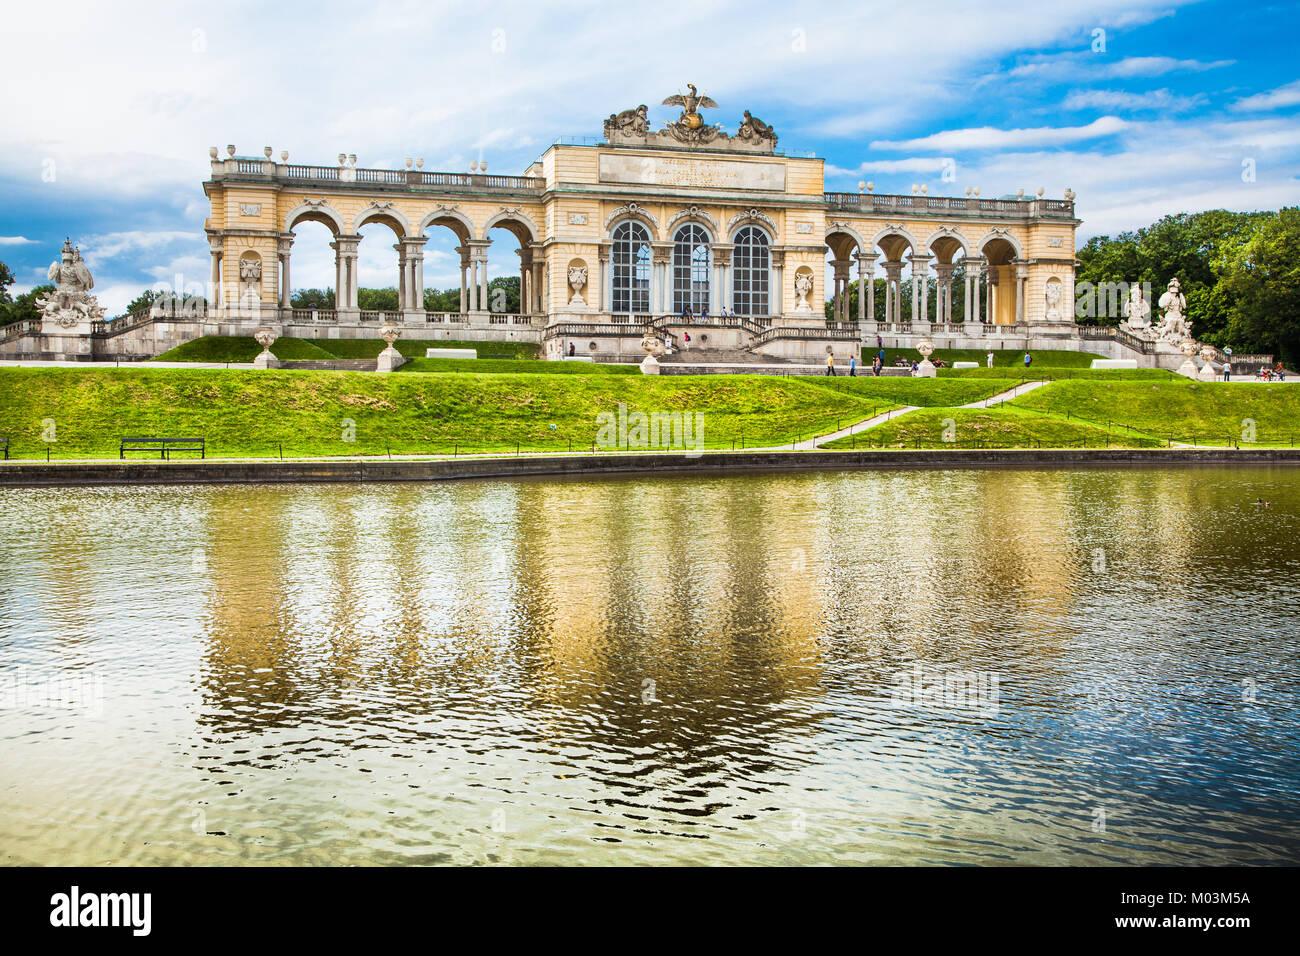 Schönen Blick auf berühmte Gloriette in Schönbrunn und Gärten in Wien, Österreich Stockbild